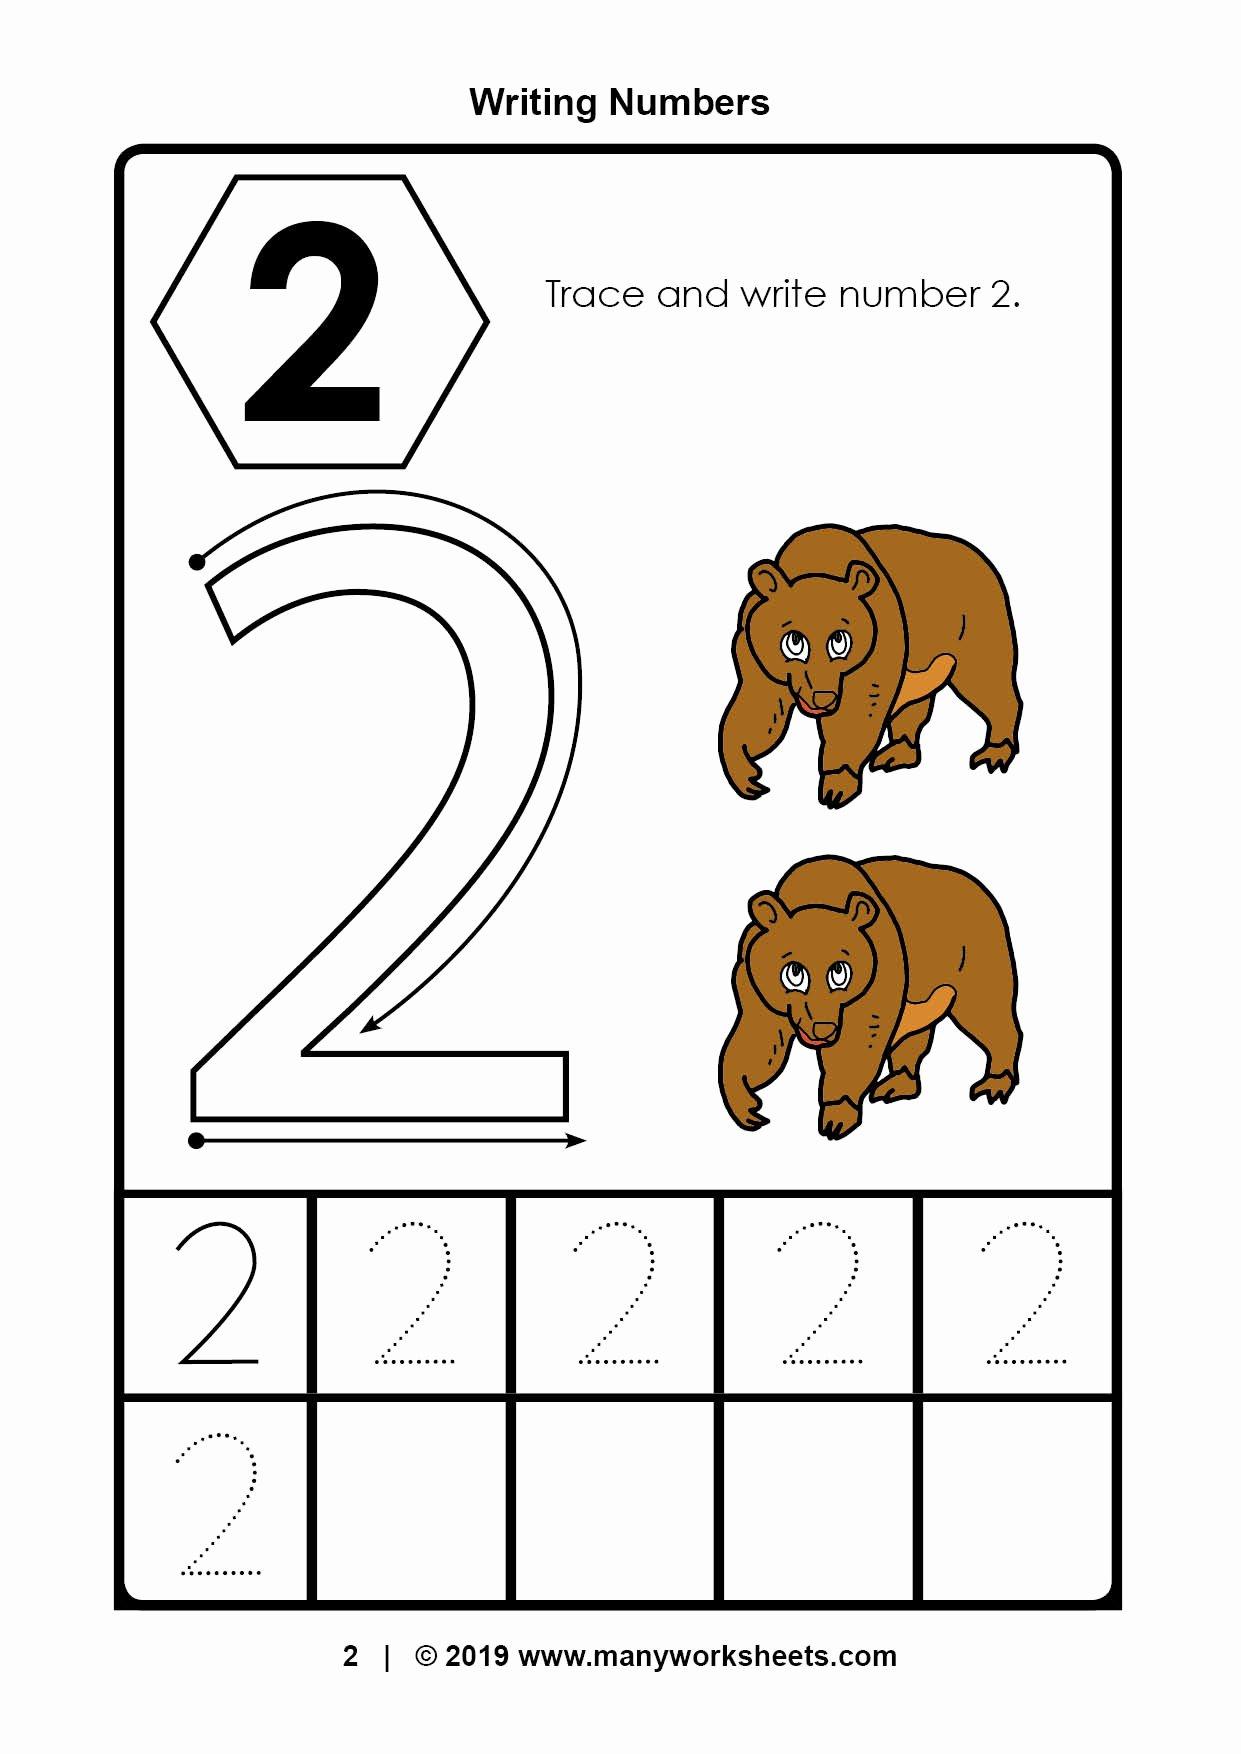 Number 2 Worksheets for Preschoolers Inspirational Tracing Number Worksheets for Kindergarten Preschool Ratio